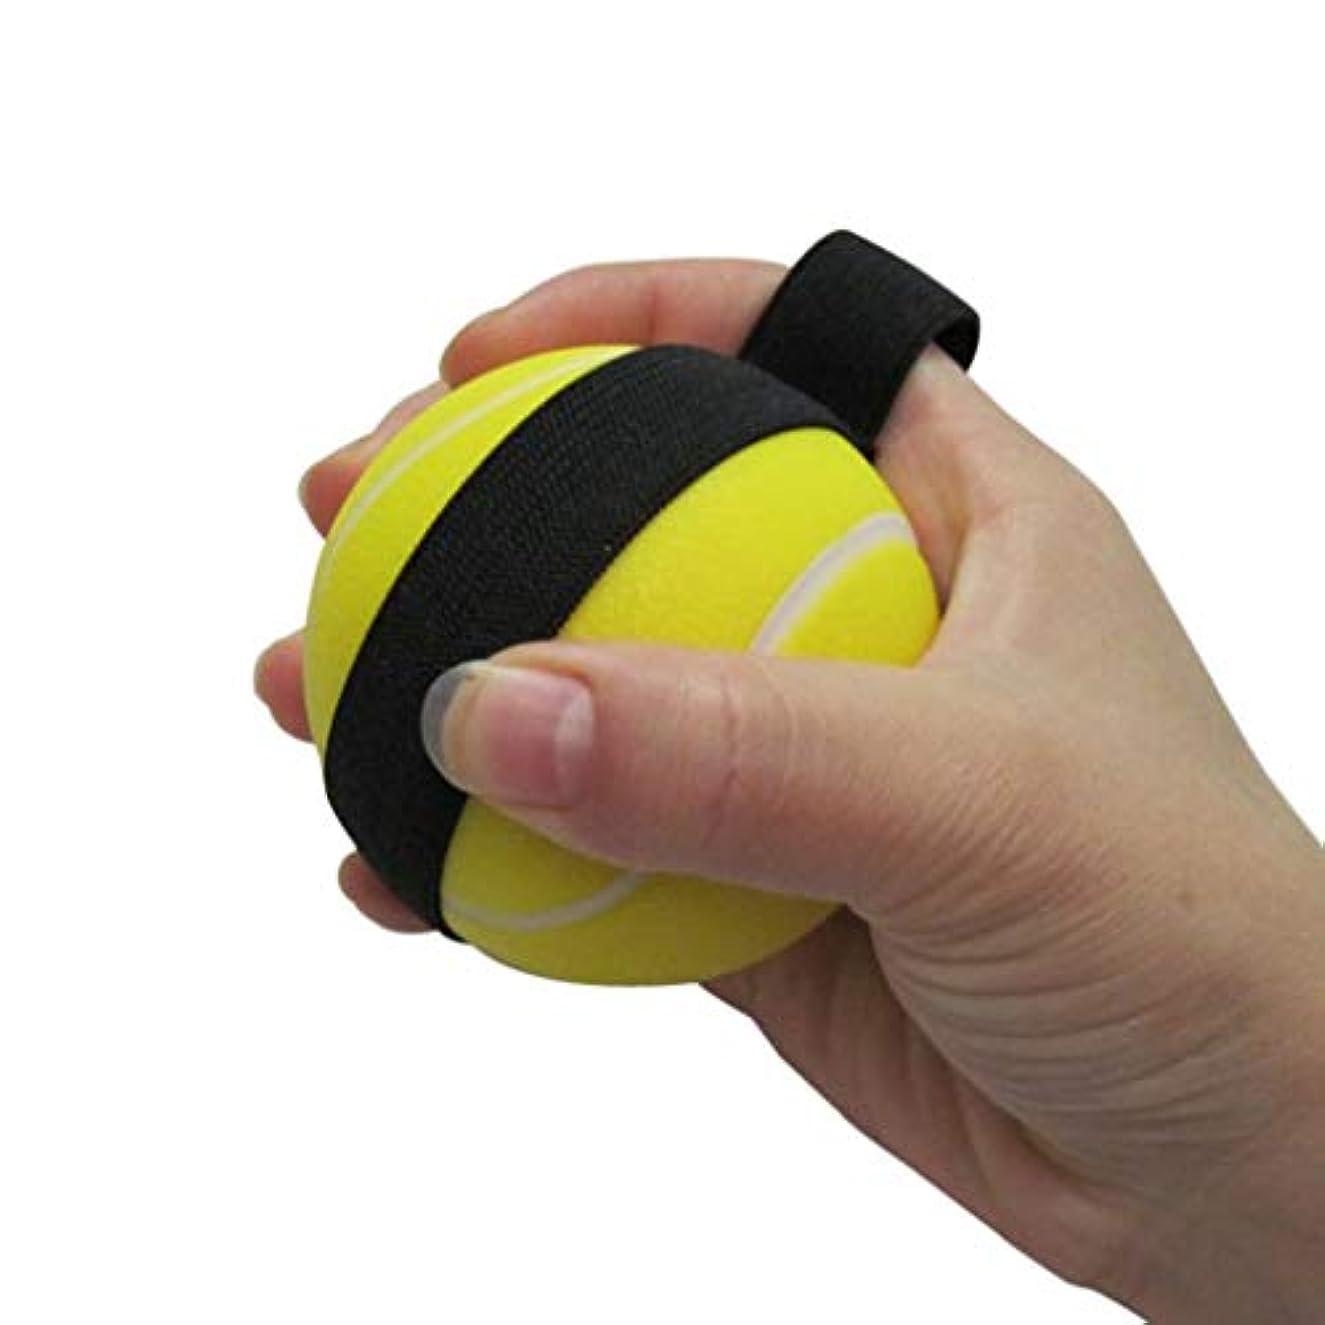 ファイター武器ファイターリハビリテーショングリップボールストローク片麻痺老人指の筋力リハビリトレーニング機器手の機能の問題群集リハビリテーションエクササイズグリップ